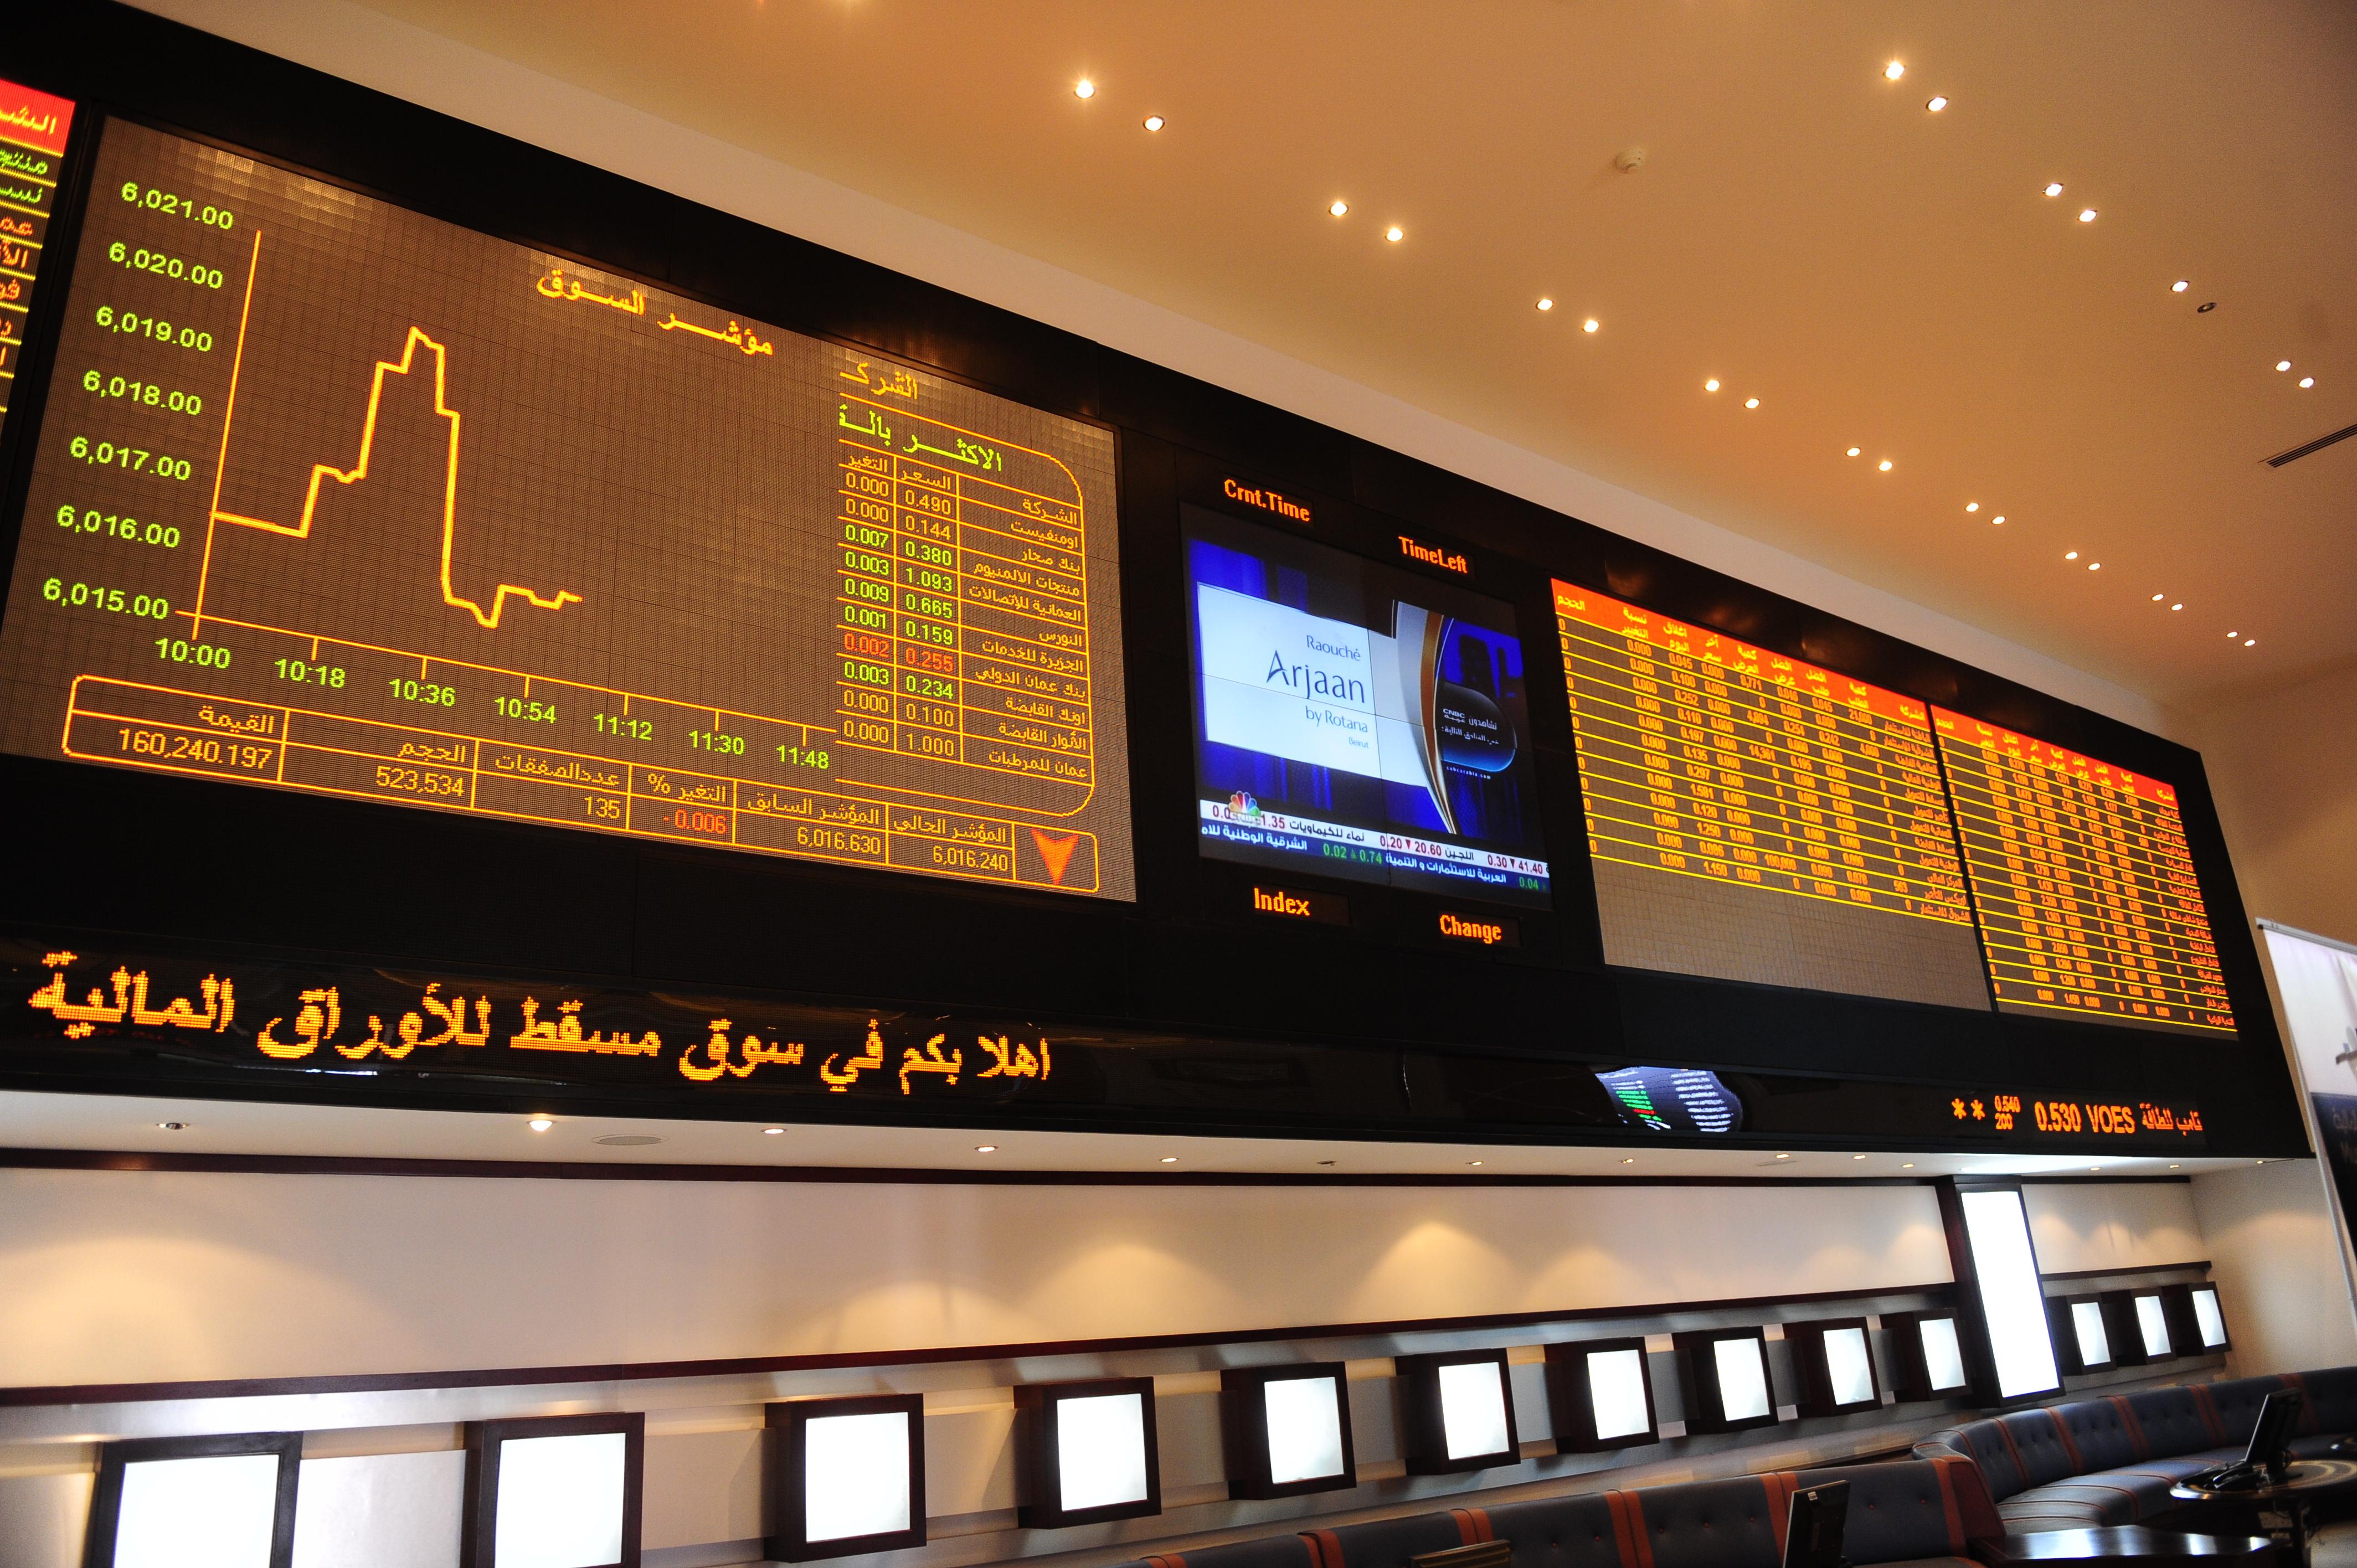 National Finance, Oman Orix sign framework deal for merger